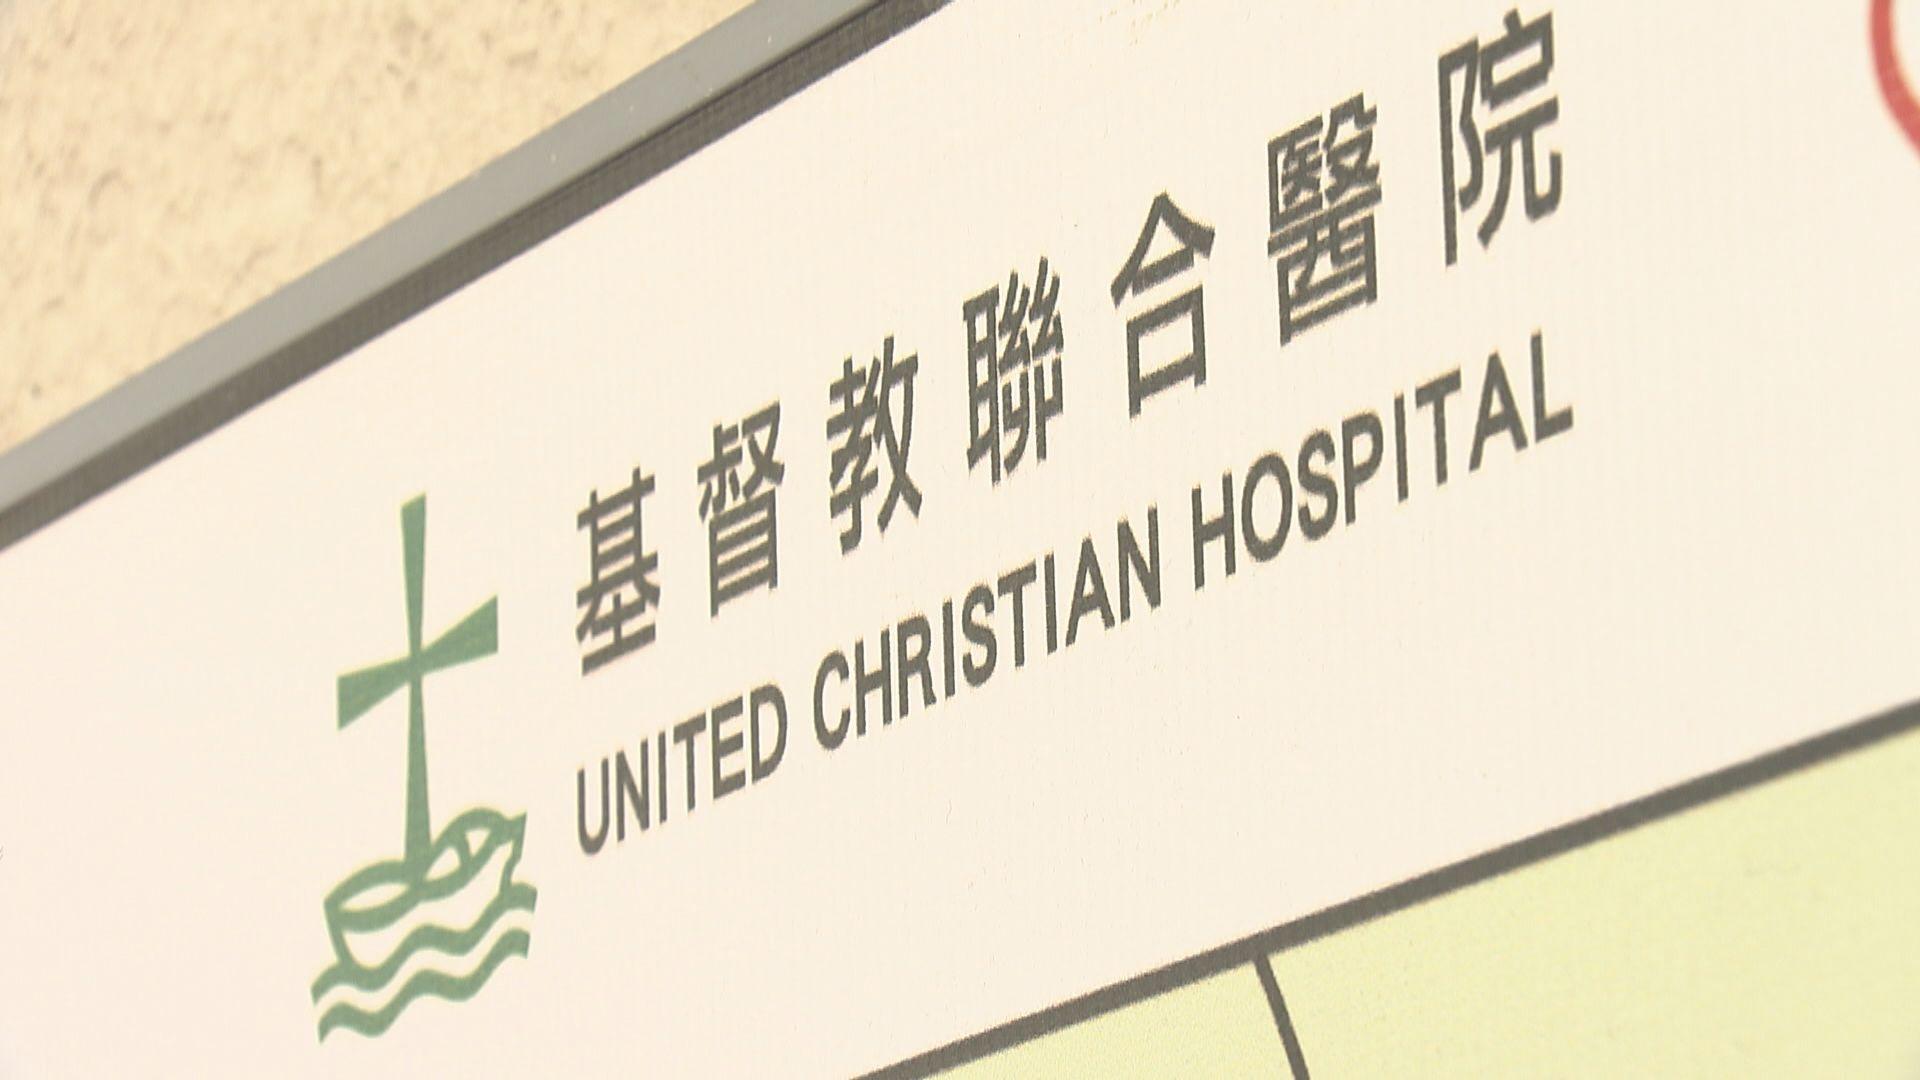 聯合醫院女病人擅自離院 院方已報警